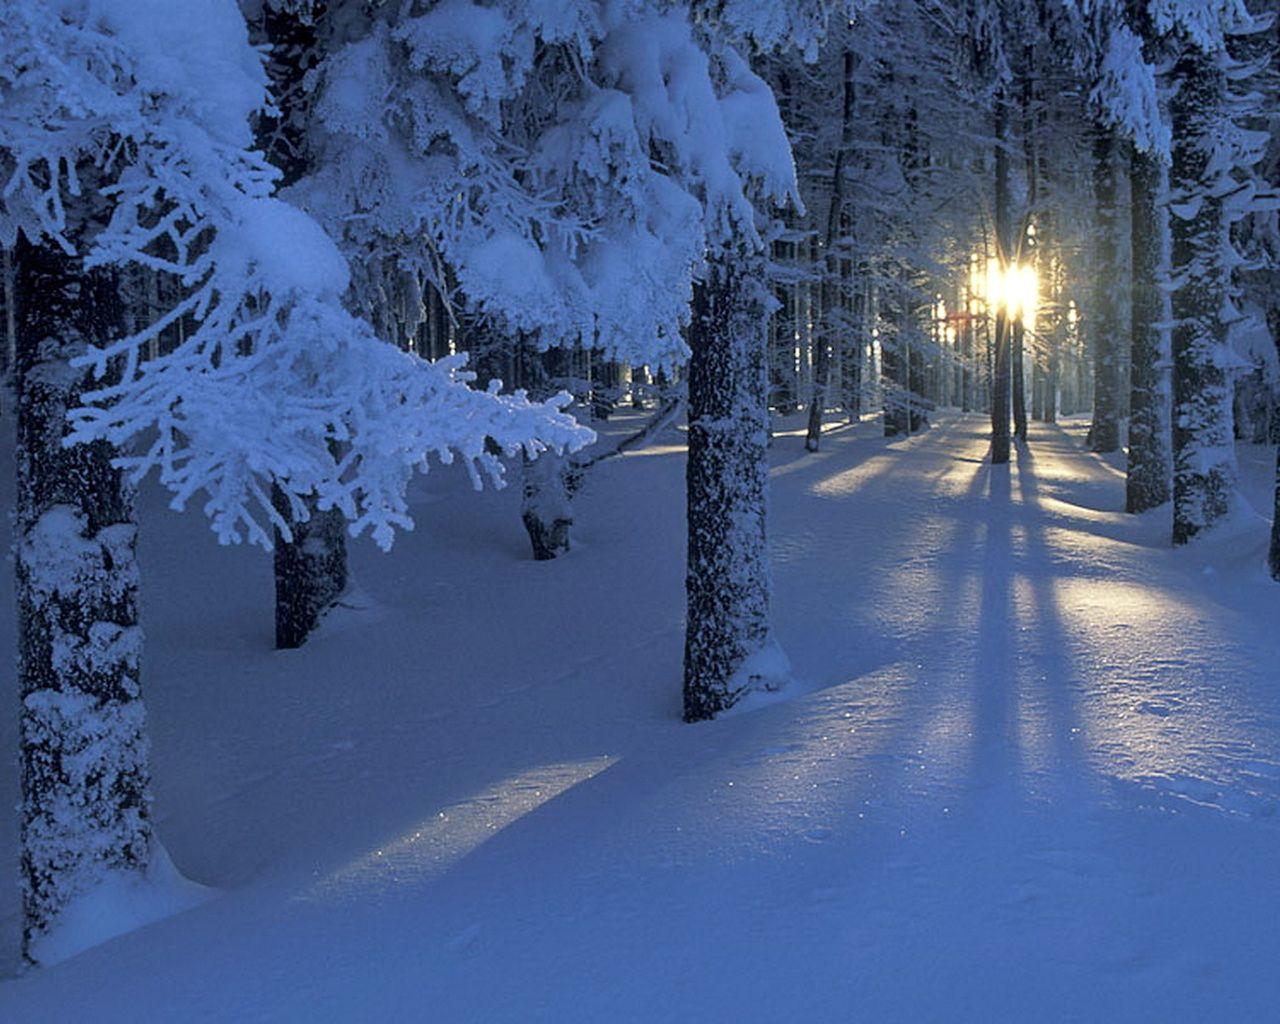 Красивые зимние картинки (32 фото) | Зимние картинки ...